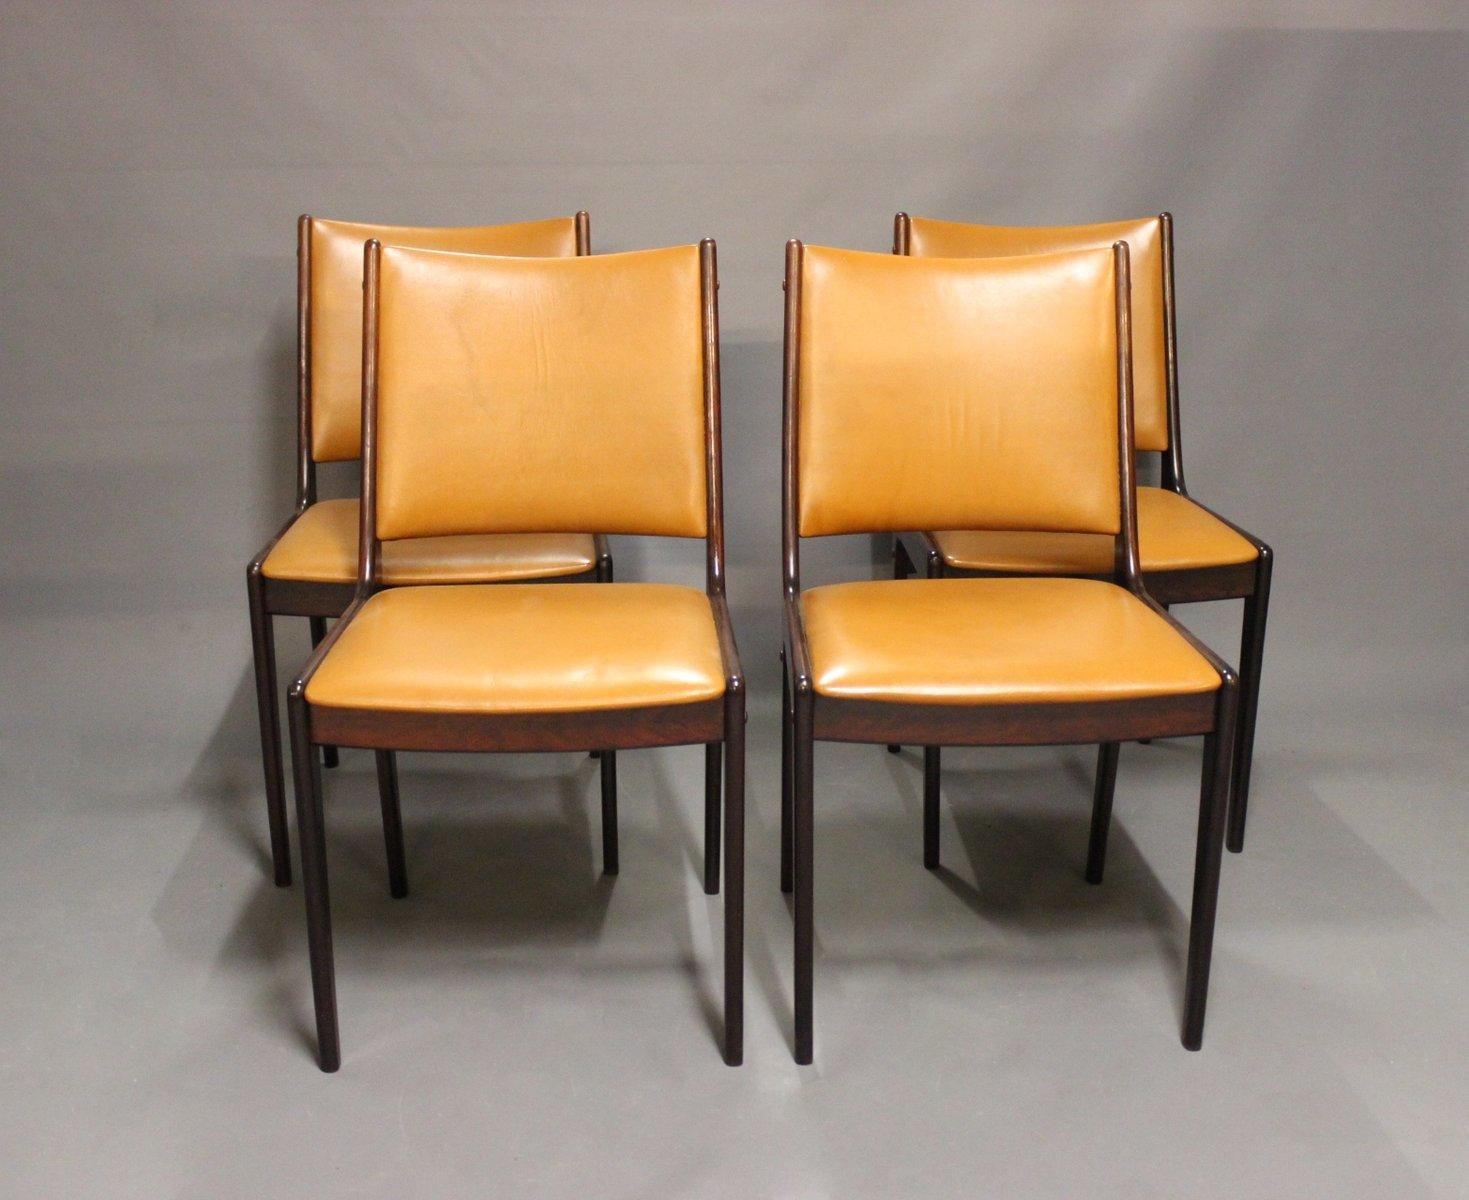 Chaises de salle manger en cuir cognac acajou 1960s for Salle a manger 1960